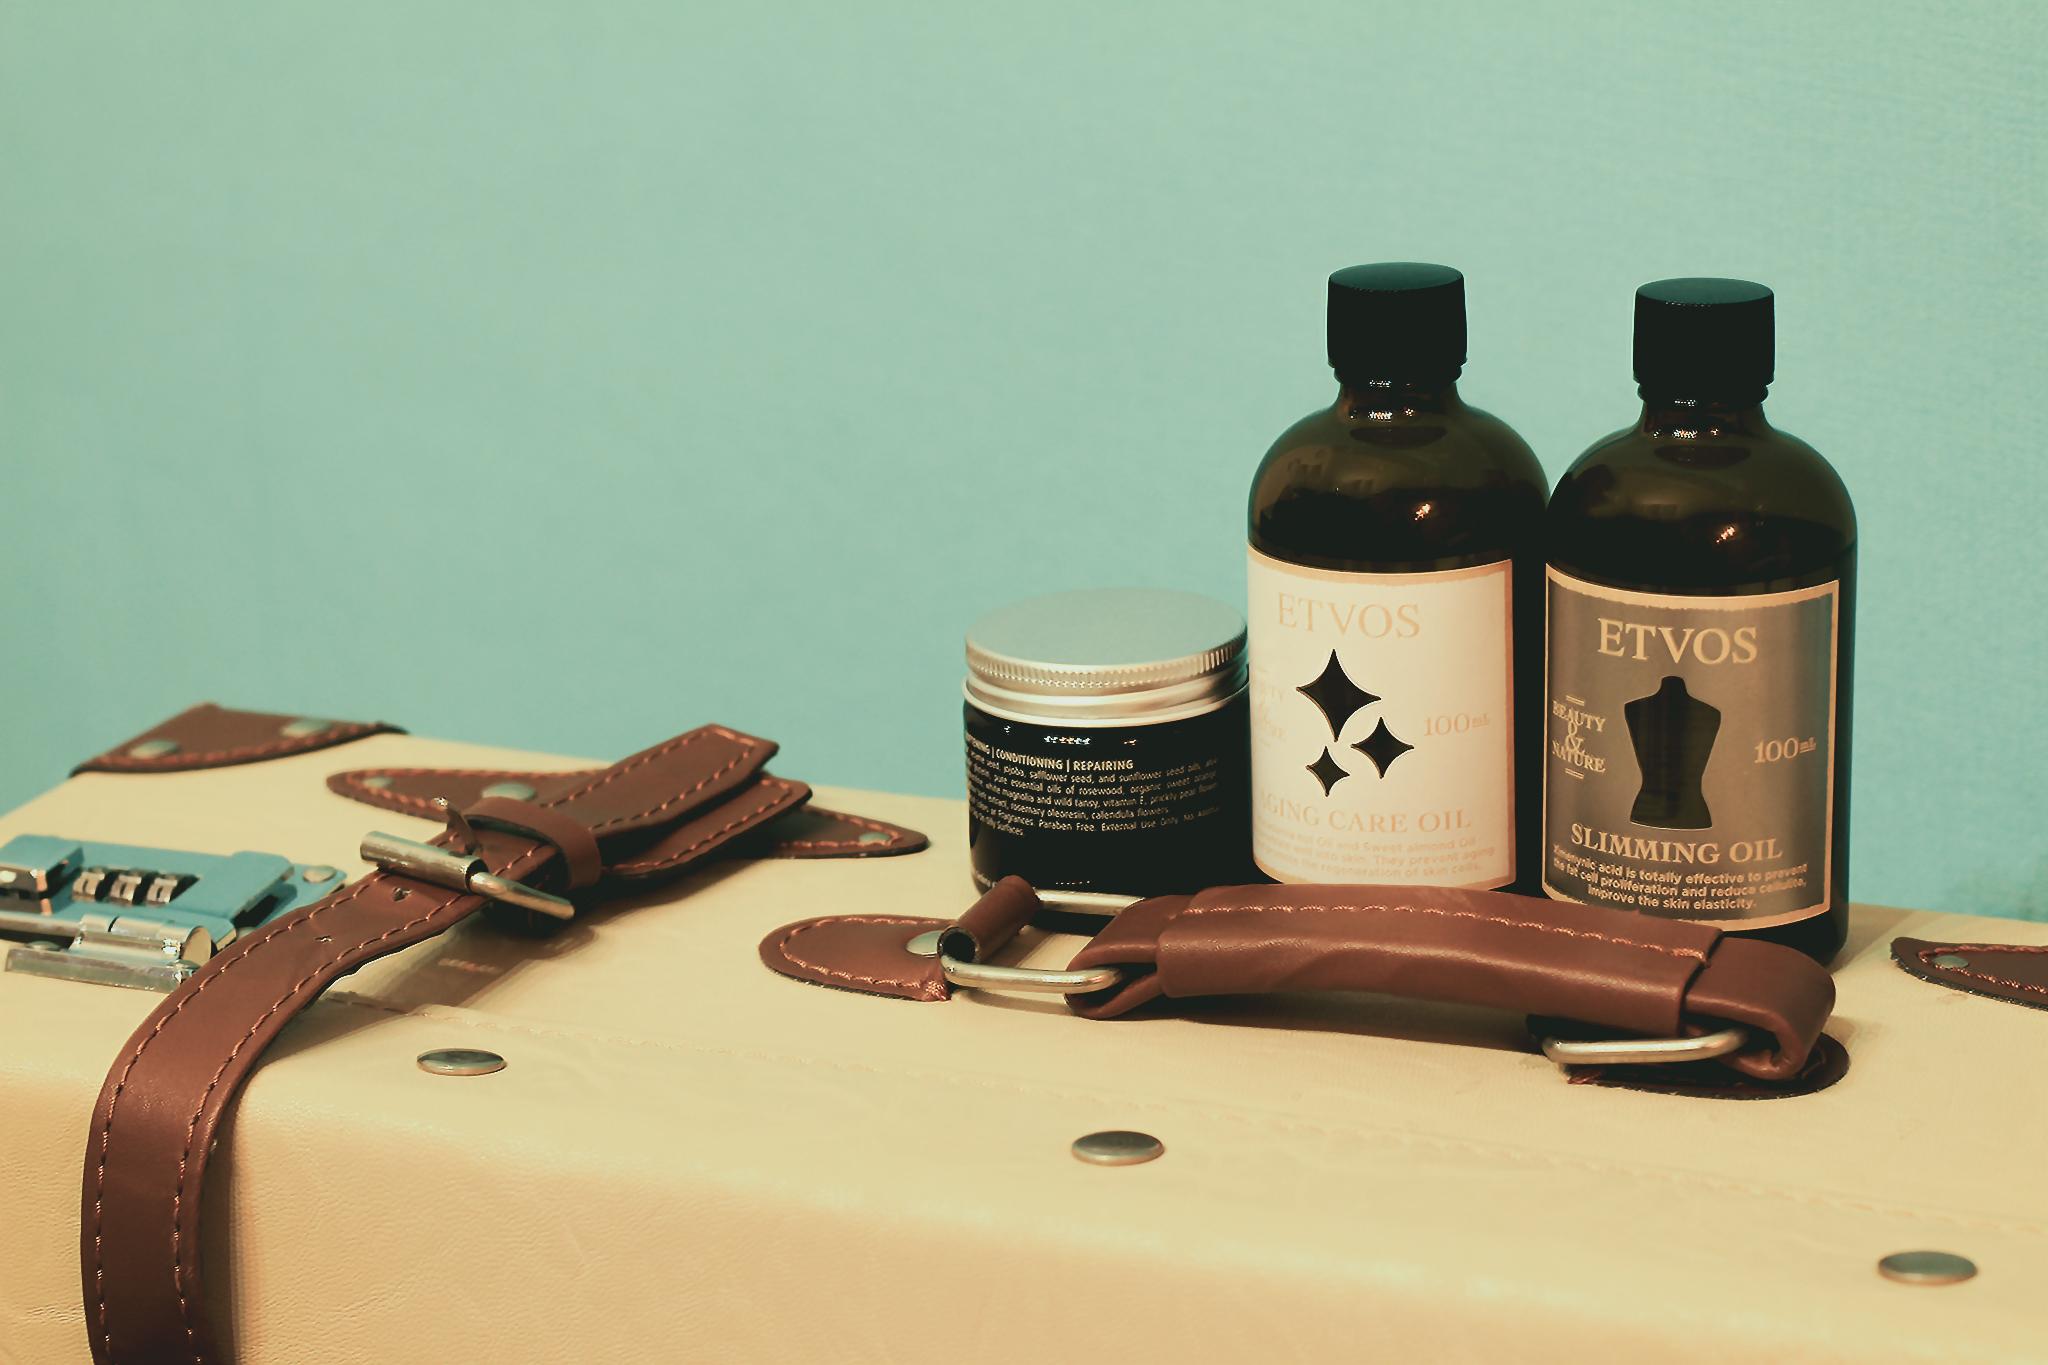 ニキビ跡を消す化粧水ってある?化粧水の選び方とおすすめ商品をご紹介!